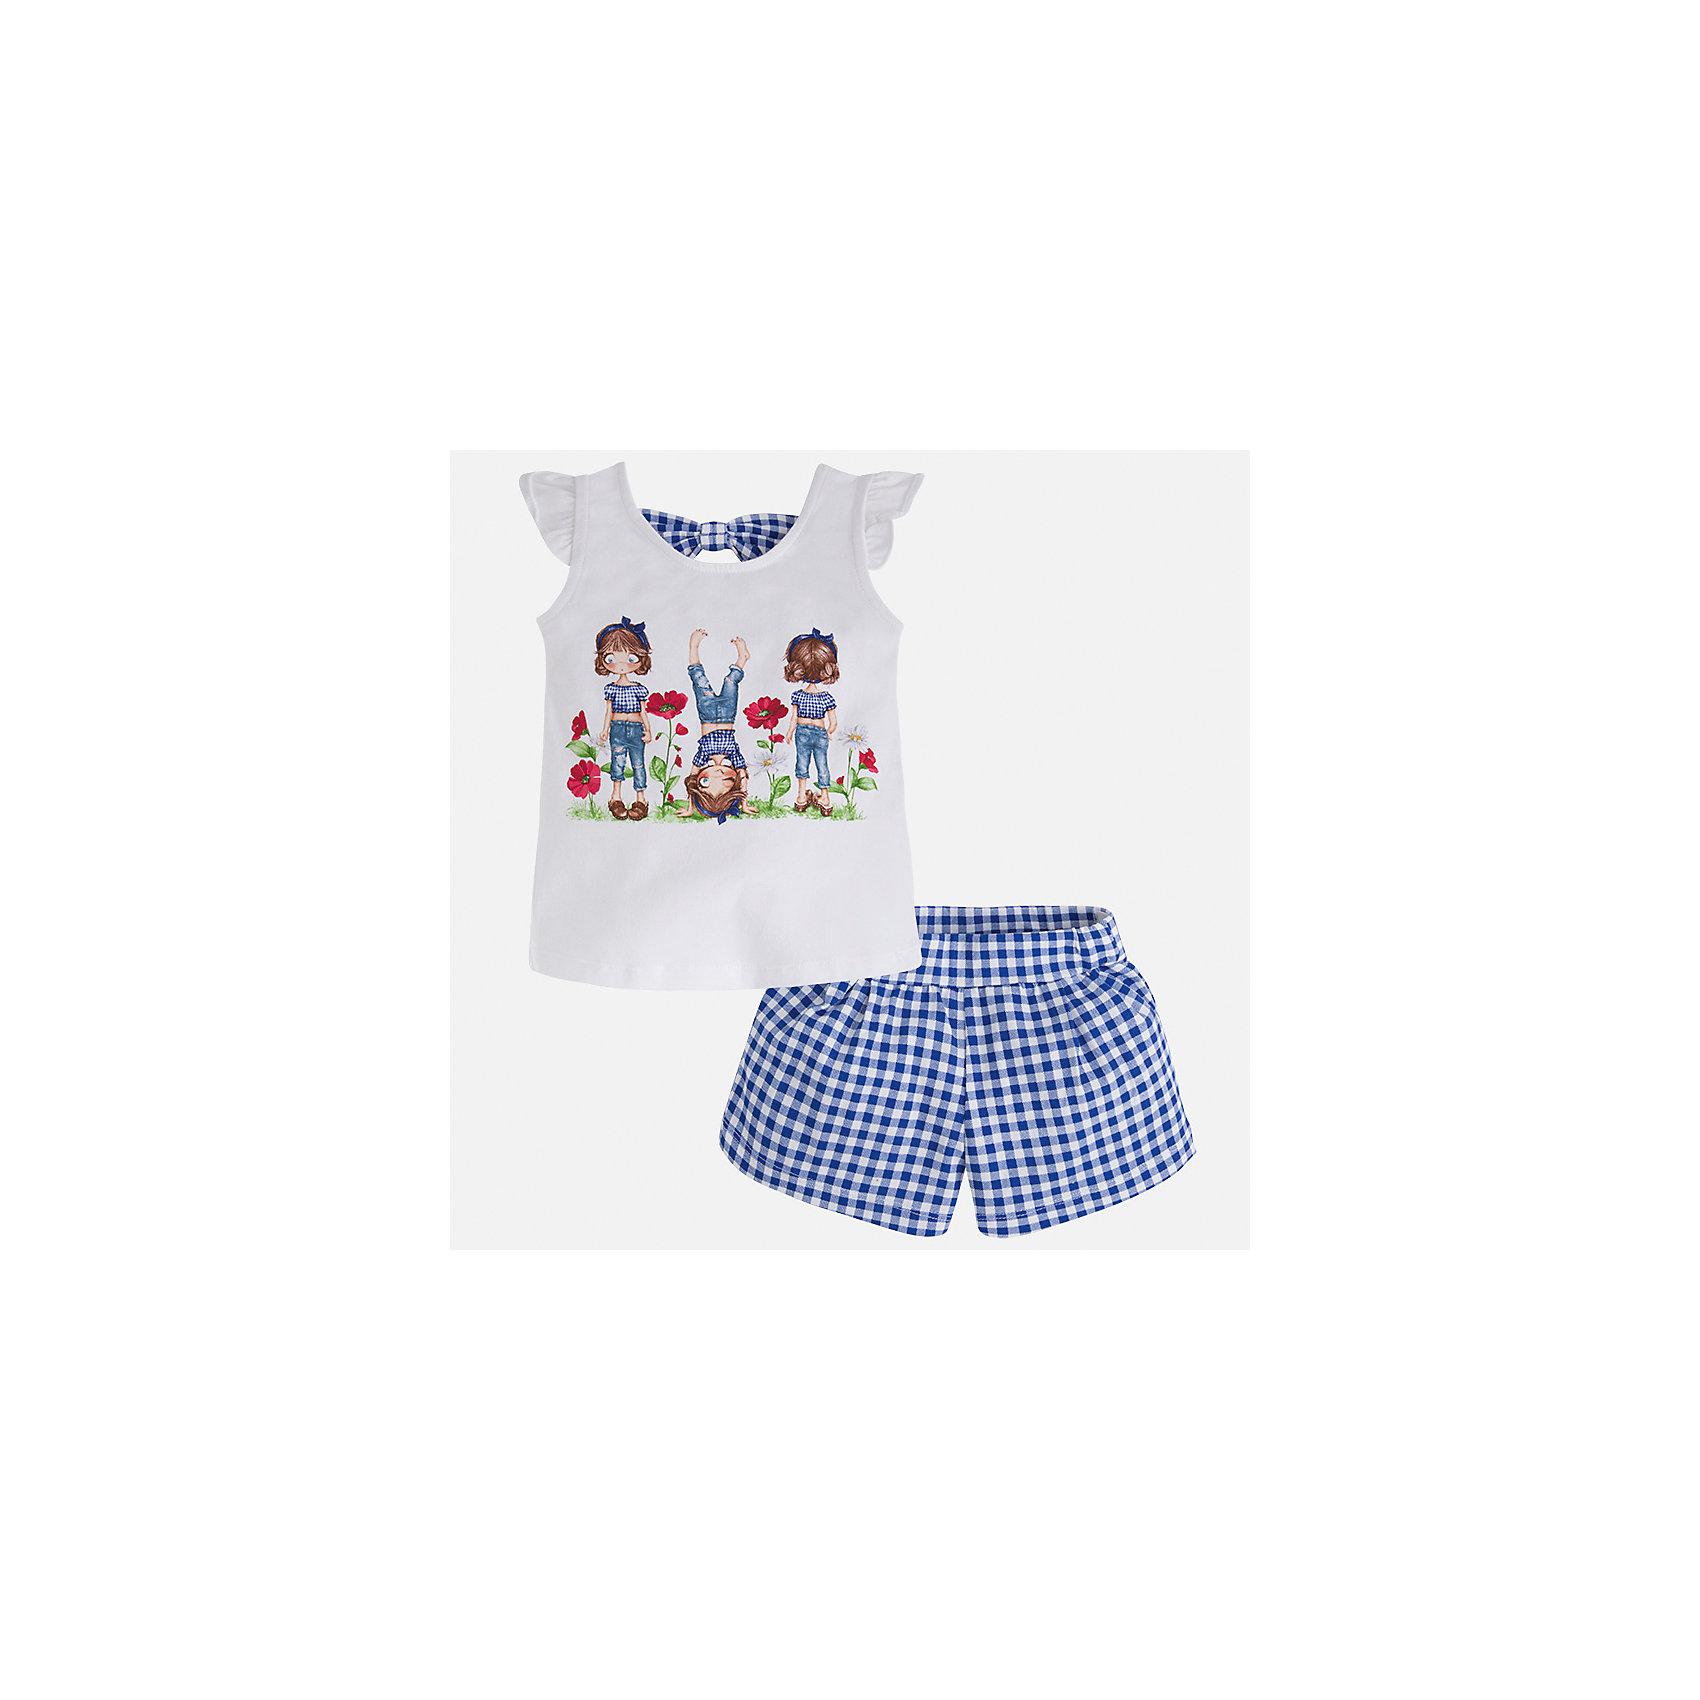 Комплект: футболка с длинным рукавом и шорты для девочки MayoralХарактеристики товара:<br><br>• цвет: белый/синий<br>• состав: 95% хлопок, 5% эластан<br>• комплектация: футболка, шорты<br>• футболка декорирована принтом<br>• шорты в клетку<br>• пояс на резинке<br>• страна бренда: Испания<br><br>Стильный качественный комплект для девочки поможет разнообразить гардероб ребенка и удобно одеться в теплую погоду. Он отлично сочетается с другими предметами. Универсальный цвет позволяет подобрать к вещам верхнюю одежду практически любой расцветки. Интересная отделка модели делает её нарядной и оригинальной. В составе материала - натуральный хлопок, гипоаллергенный, приятный на ощупь, дышащий.<br><br>Одежда, обувь и аксессуары от испанского бренда Mayoral полюбились детям и взрослым по всему миру. Модели этой марки - стильные и удобные. Для их производства используются только безопасные, качественные материалы и фурнитура. Порадуйте ребенка модными и красивыми вещами от Mayoral! <br><br>Комплект для девочки от испанского бренда Mayoral (Майорал) можно купить в нашем интернет-магазине.<br><br>Ширина мм: 191<br>Глубина мм: 10<br>Высота мм: 175<br>Вес г: 273<br>Цвет: синий<br>Возраст от месяцев: 96<br>Возраст до месяцев: 108<br>Пол: Женский<br>Возраст: Детский<br>Размер: 134,92,98,104,110,116,122,128<br>SKU: 5289866